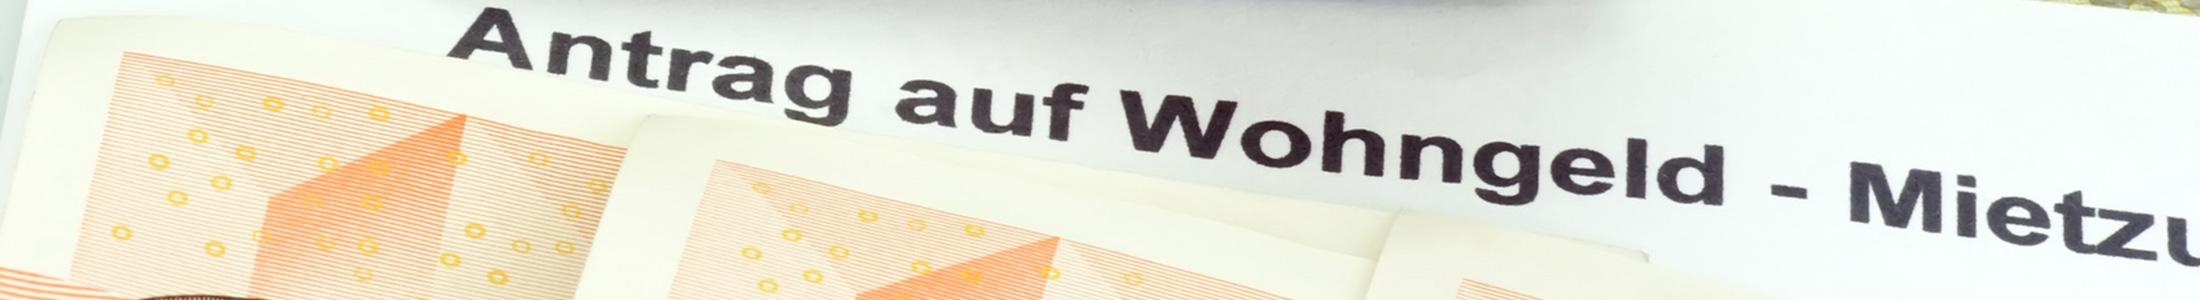 Wohngeld